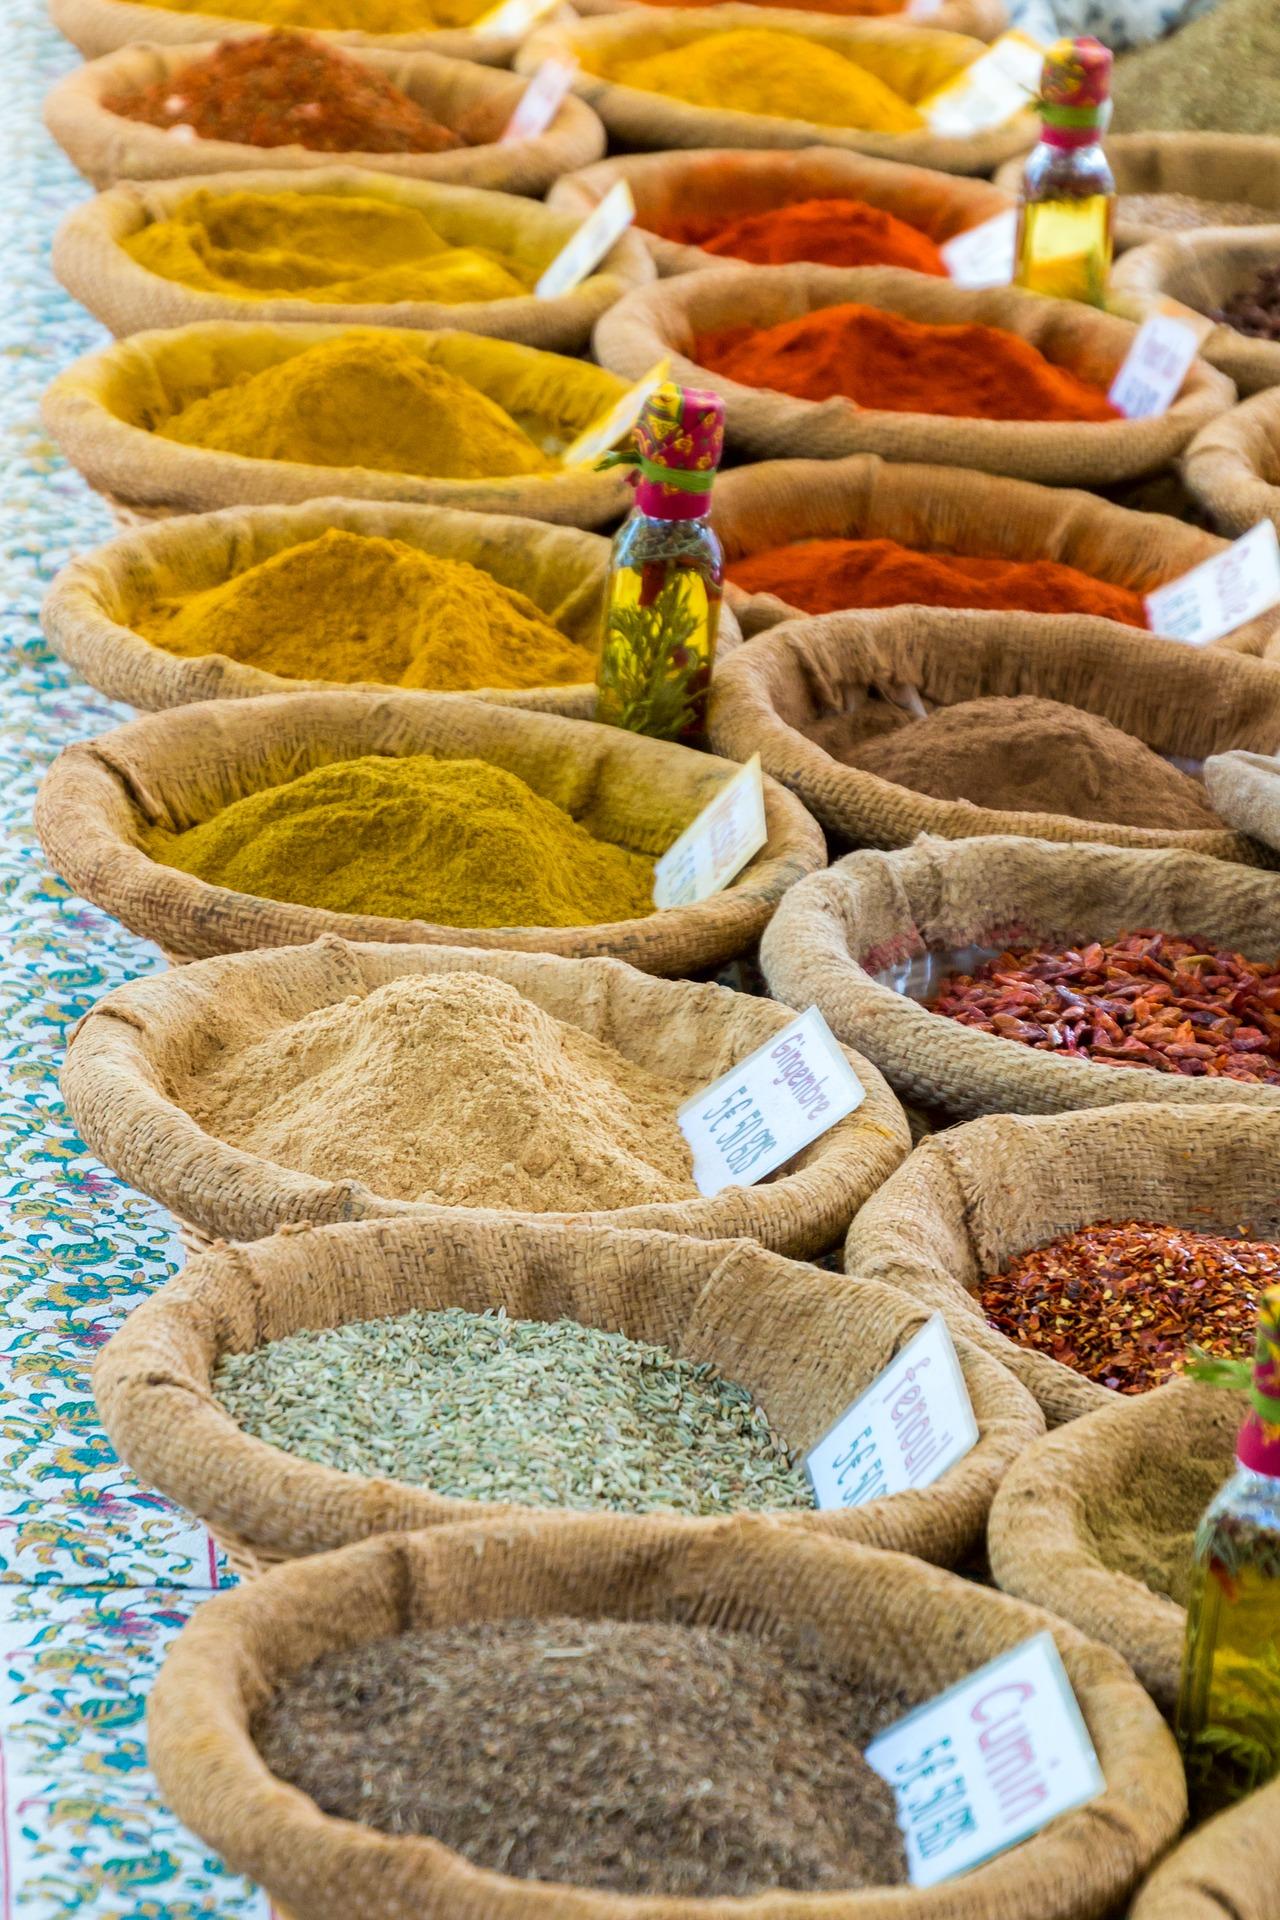 Erbe e spezie. Sacchetti di varie spezie sul banco di un mercato